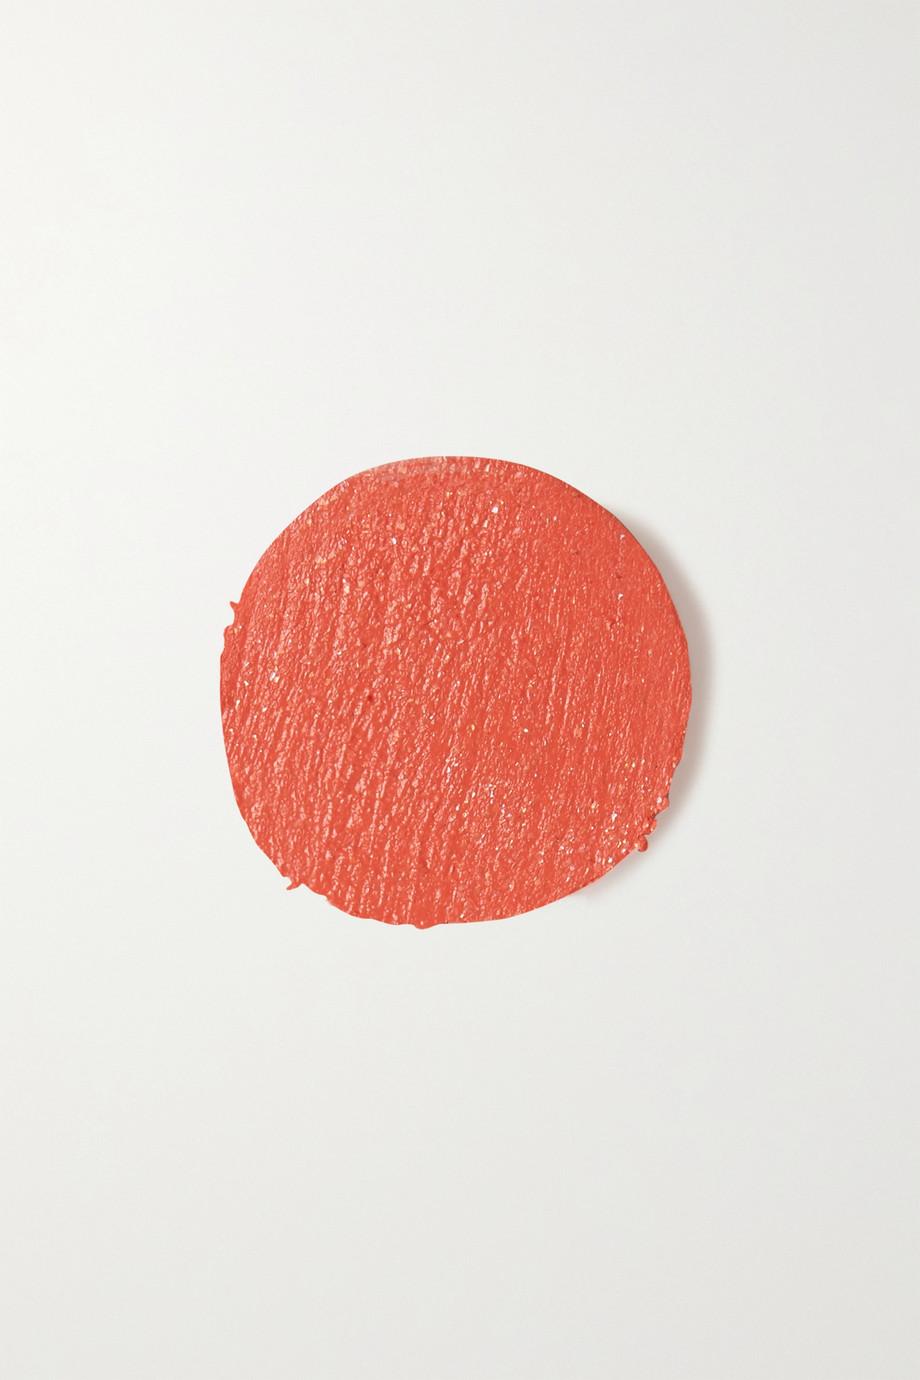 Estée Lauder Act IV Luxe Lip Creme - Reel Coral